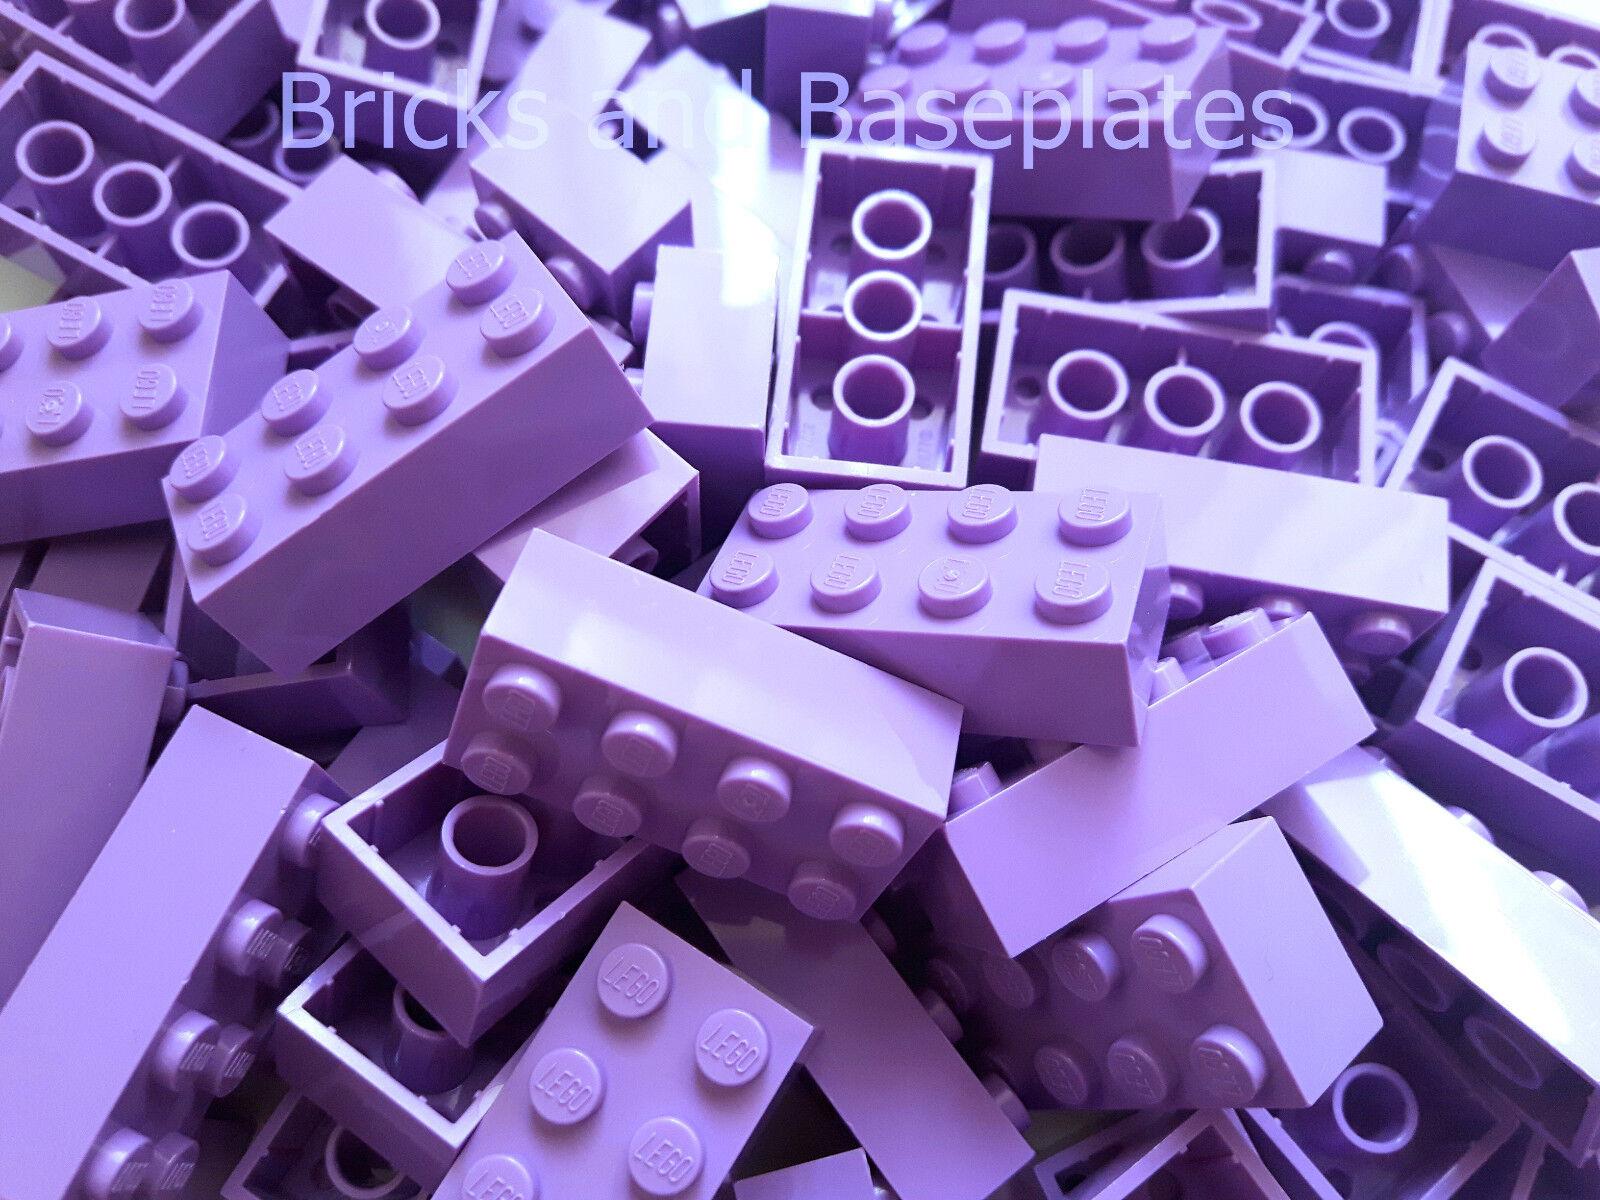 Briques  Lego 200 x Lavande 2x4 PIN-de nouveaux ensembles envoyés dans un clair scellé sac  100% neuf avec qualité d'origine